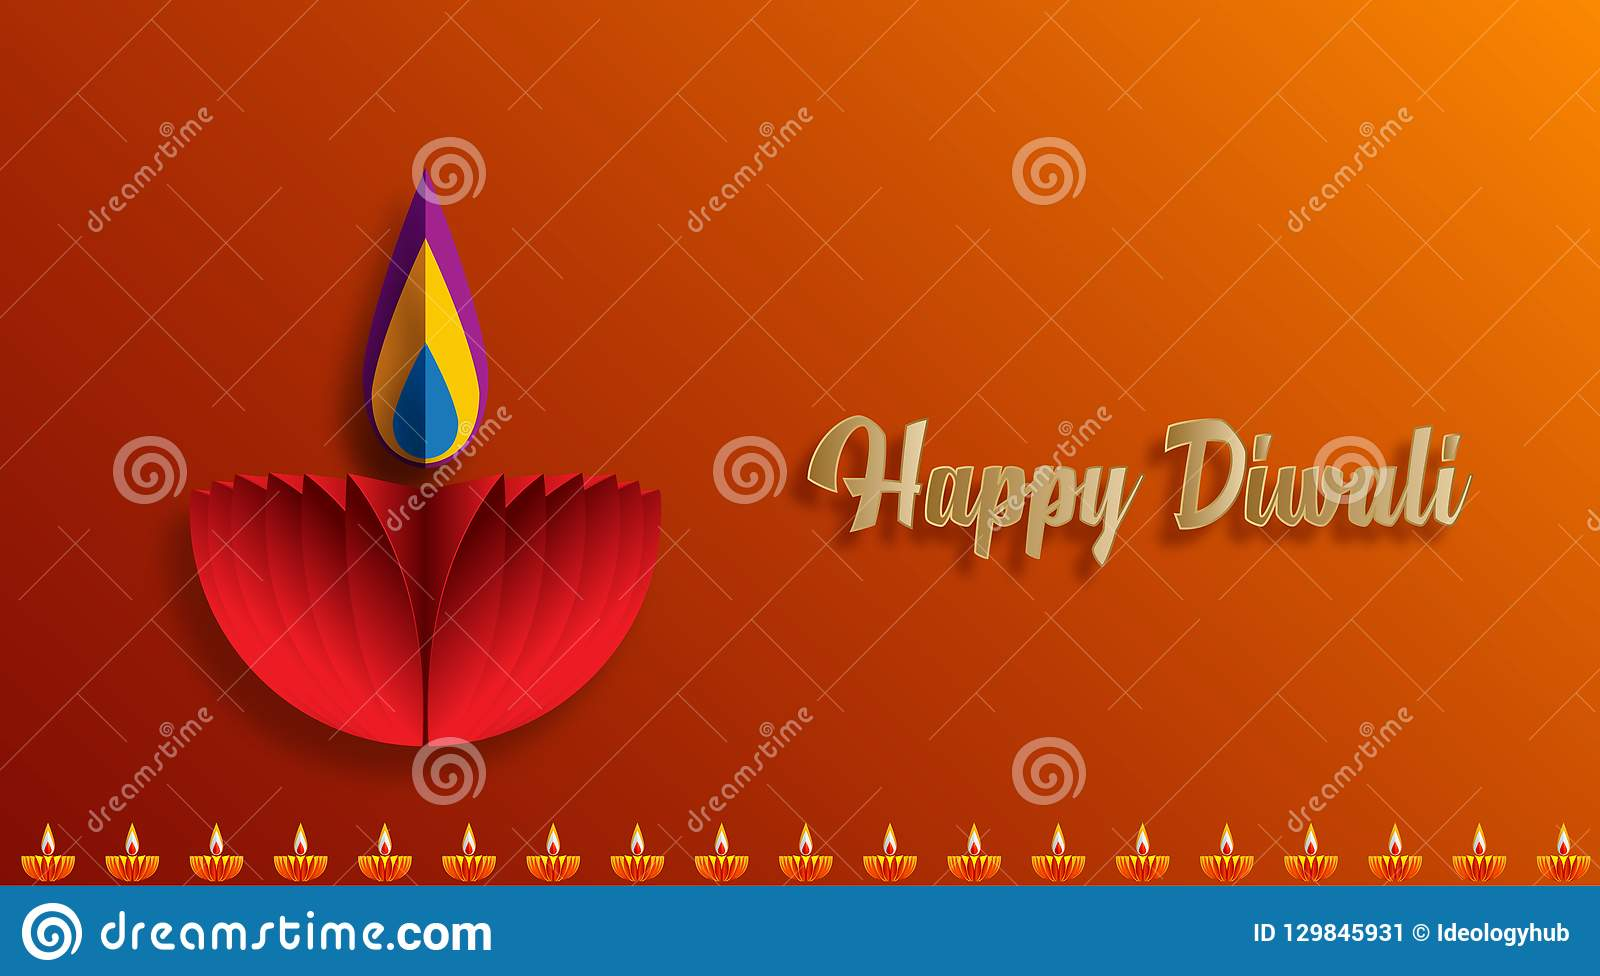 Szczęśliwe Diwali Diya lampy zaświecali podczas diwali świętowania